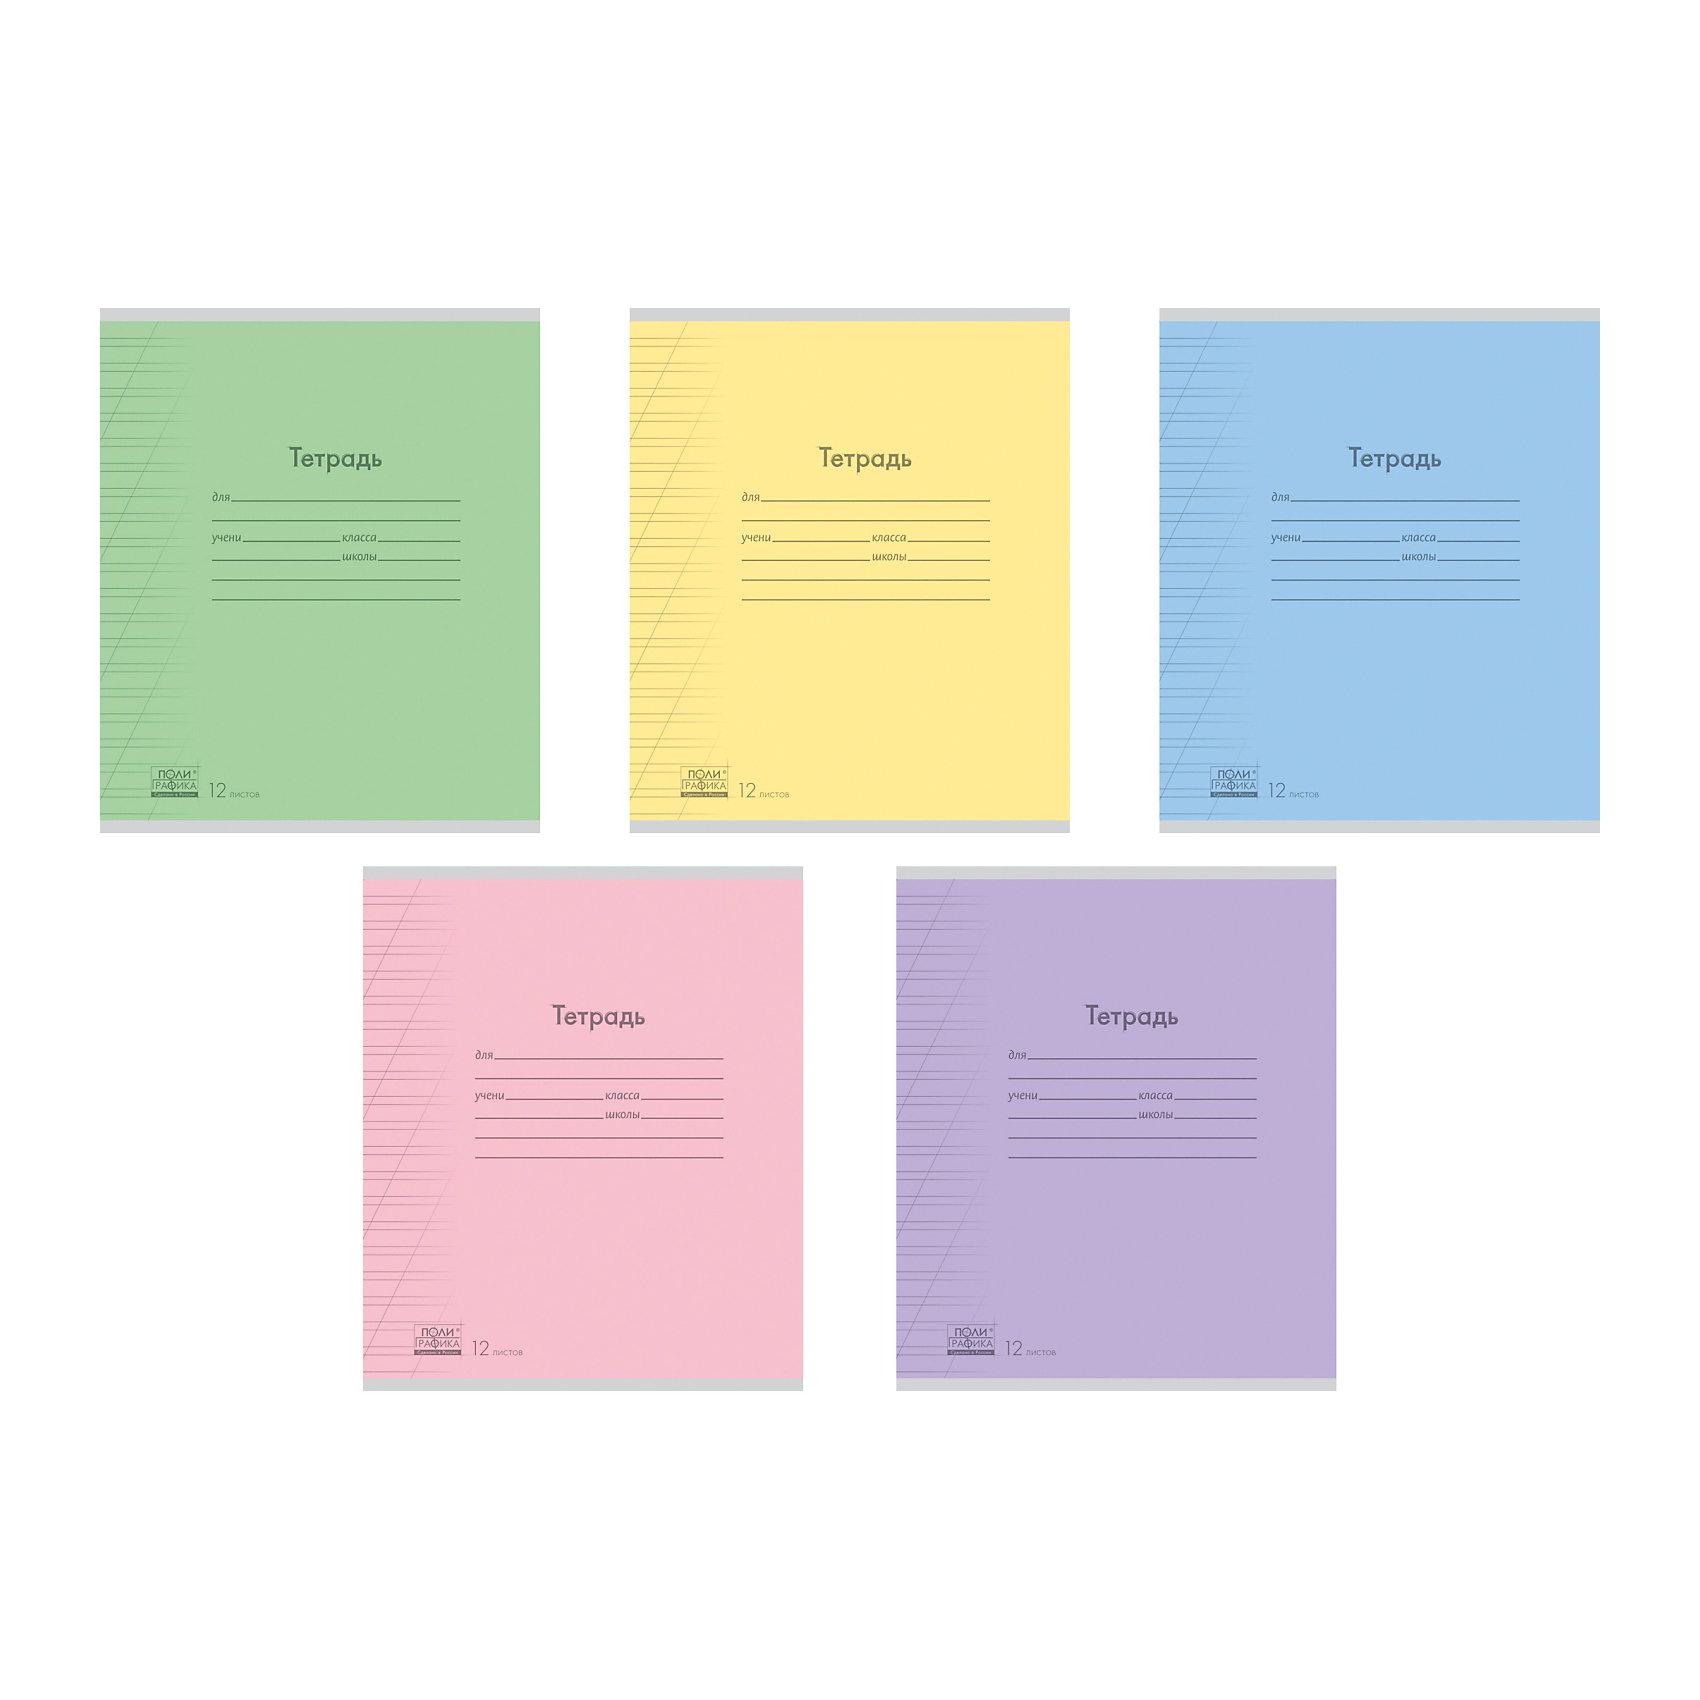 Тетрадь 12 листов в линовку, упаковка из 10 шт.Бумажная продукция<br>Тетрадь 12 листов в линовку, 10 шт.<br><br>Характеристики:<br><br>• Количество: 10 шт.<br>• Формат: А5<br>• Внутренний блок: 12 листов  (офсет)<br>• Линовка: косая узкая линейка, с полями<br>• Тип крепления: скрепка<br>• Обложка: мелованный картон<br>• В упаковке: 5 видов тетрадей<br><br>Тетрадь в косую узкую линейку с полями предназначены для занятий детей дошкольного и младшего школьного возраста. Отличная полиграфия и качественная бумага обеспечат высокое качество письма. Обложка из мелованного картона позволит сохранять тетрадь в аккуратном виде в течение всего периода использования.<br><br>Тетрадь 12 листов в линовку, 10 шт. можно купить в нашем интернет-магазине.<br><br>Ширина мм: 170<br>Глубина мм: 20<br>Высота мм: 205<br>Вес г: 349<br>Возраст от месяцев: 60<br>Возраст до месяцев: 204<br>Пол: Унисекс<br>Возраст: Детский<br>SKU: 5540082